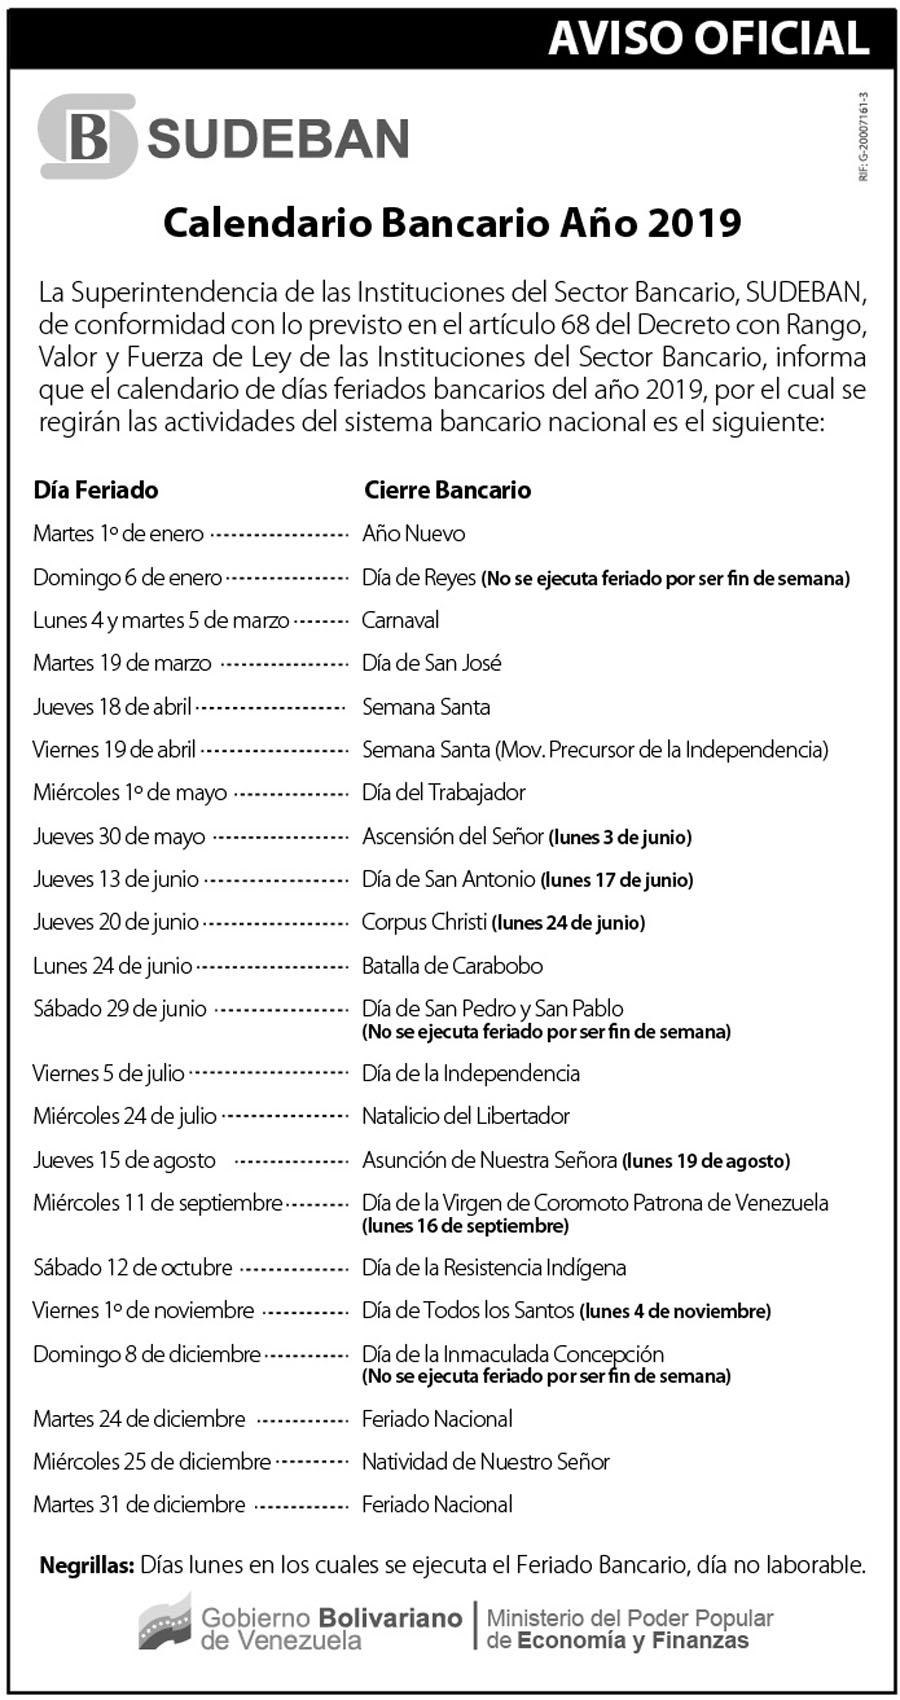 CalendarioBancarioSudeban2019